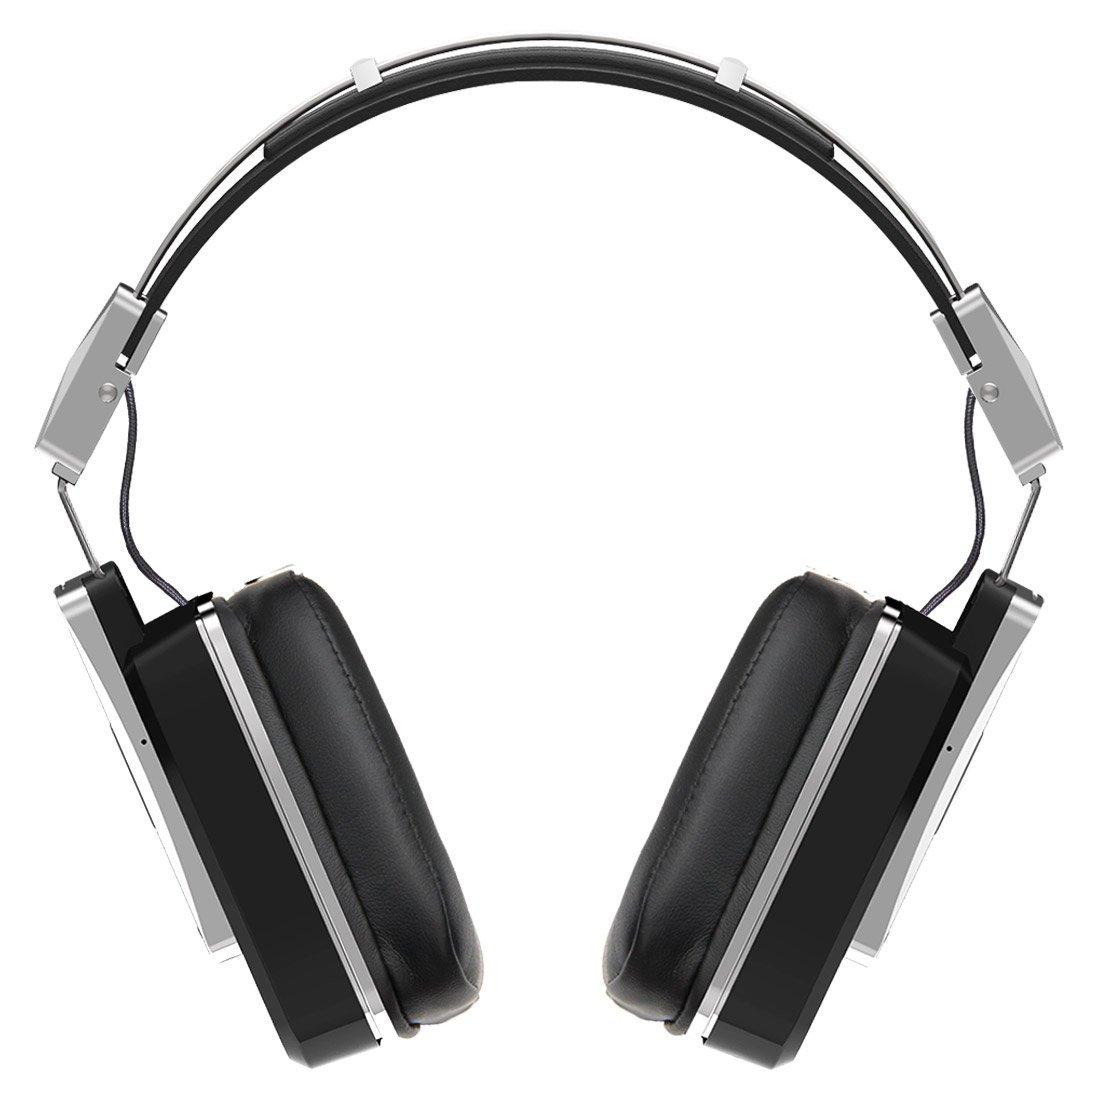 Bluedio Xanh F800 dây tai nghe Bluetooth không dây siêu cao giảm nhiễu chủ động tấn công micro (đen)